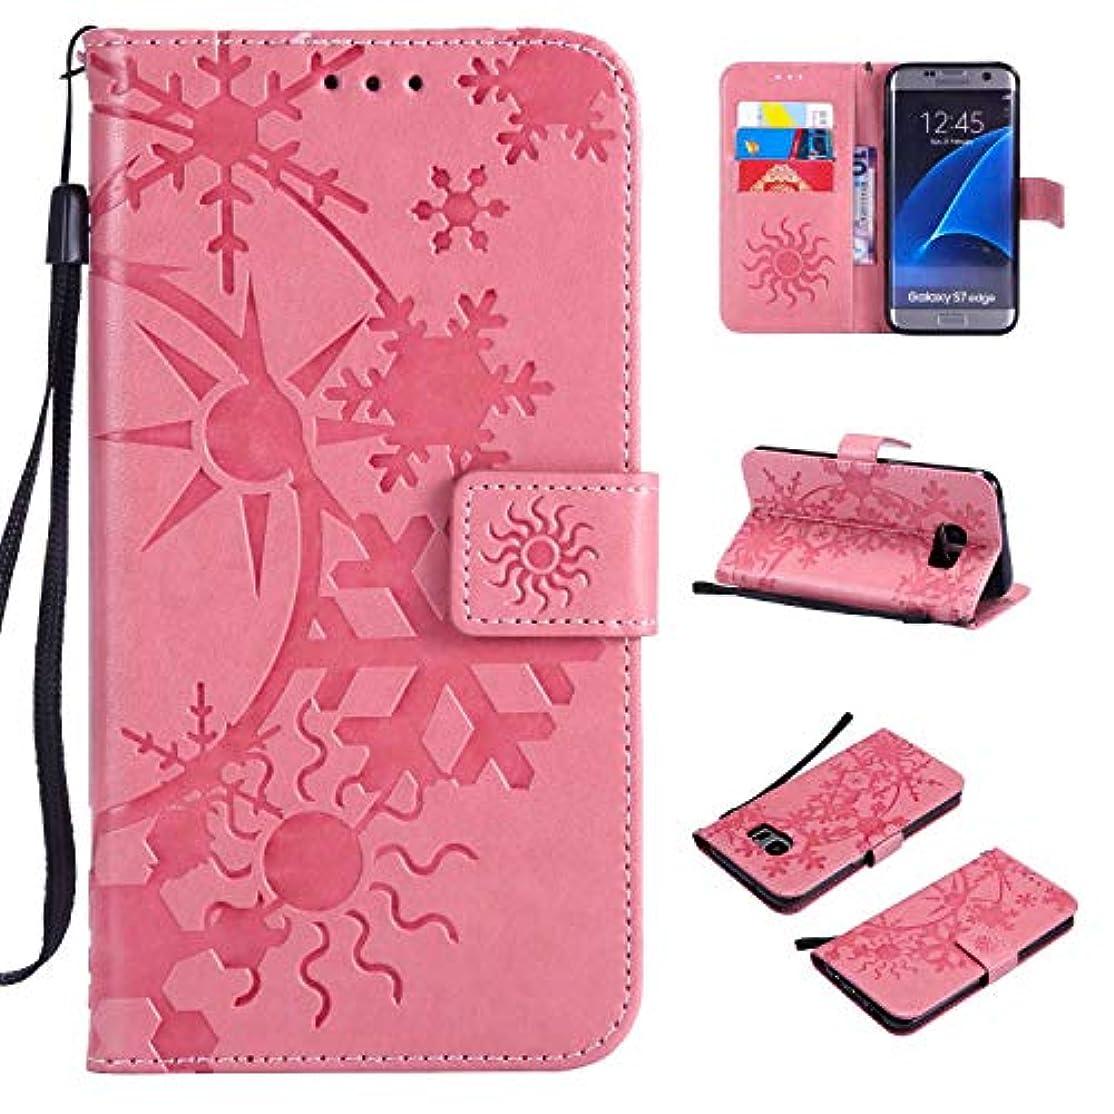 娯楽ヒープかもめGalaxy S7 Edge ケース CUSKING 手帳型 ケース ストラップ付き かわいい 財布 カバー カードポケット付き Samsung ギャラクシー S7 Edge マジックアレイ ケース - ピンク